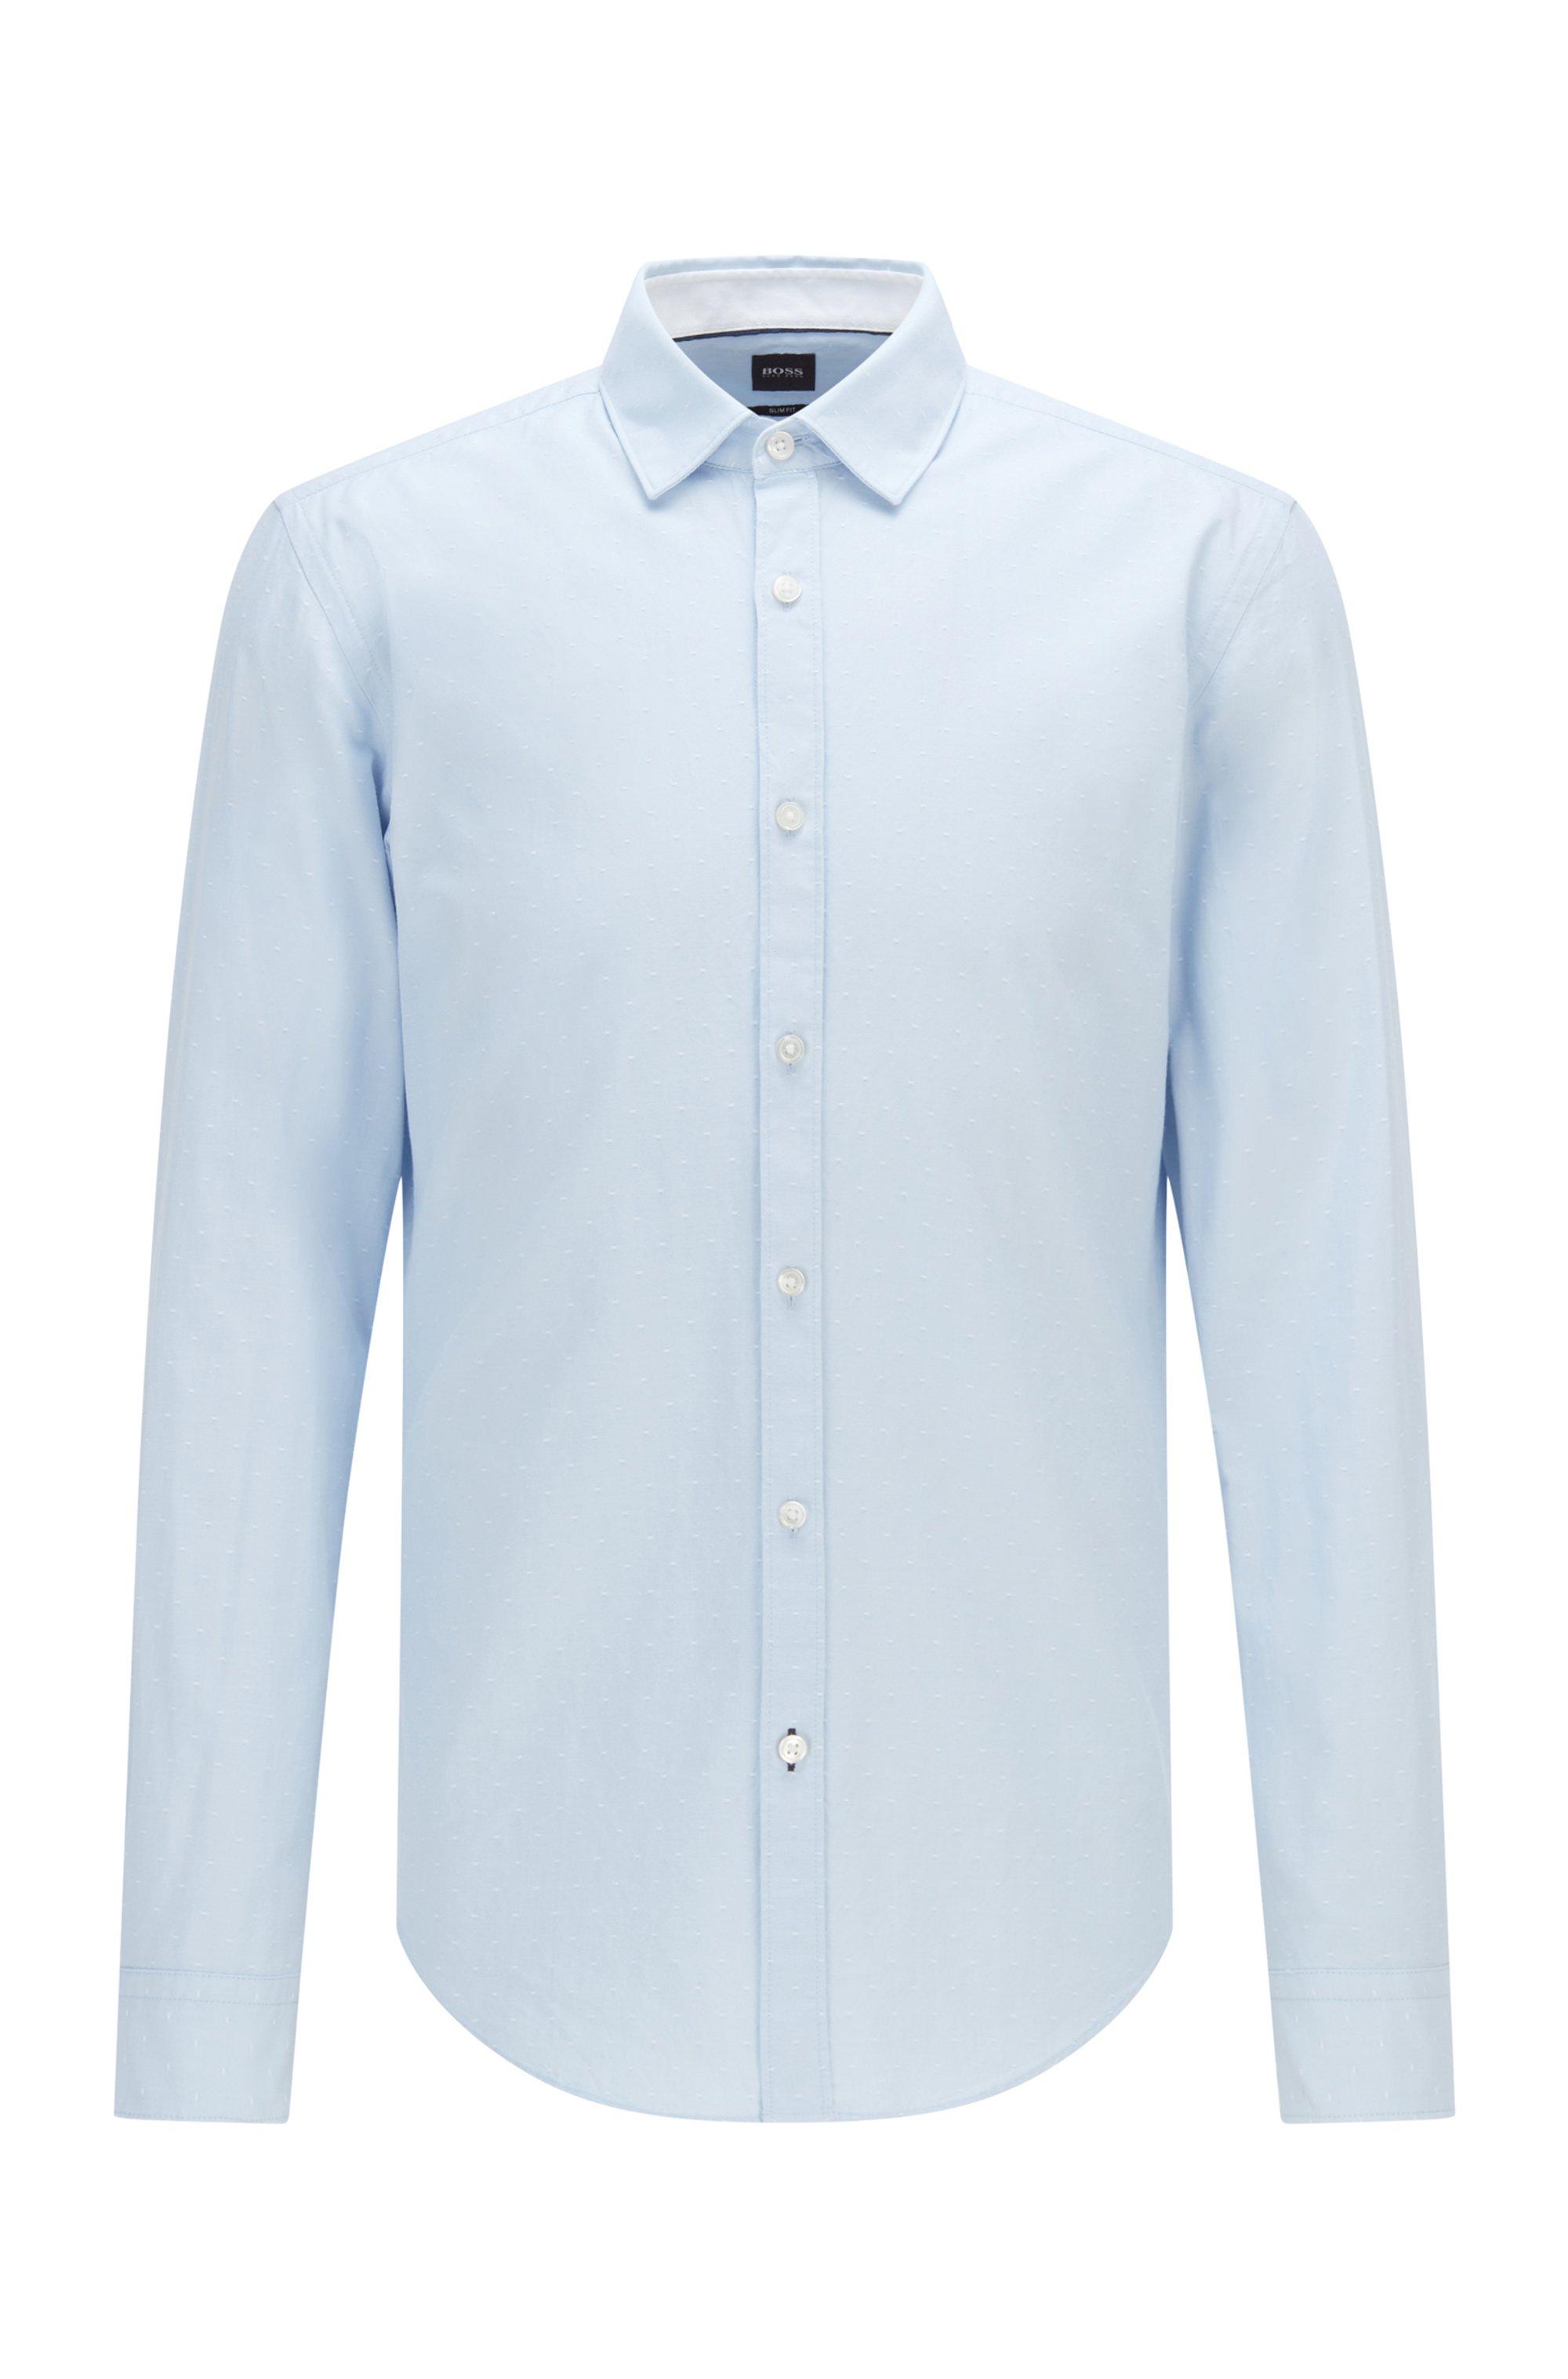 Chemise Slim Fit en coton Oxford à motif façonné, bleu clair